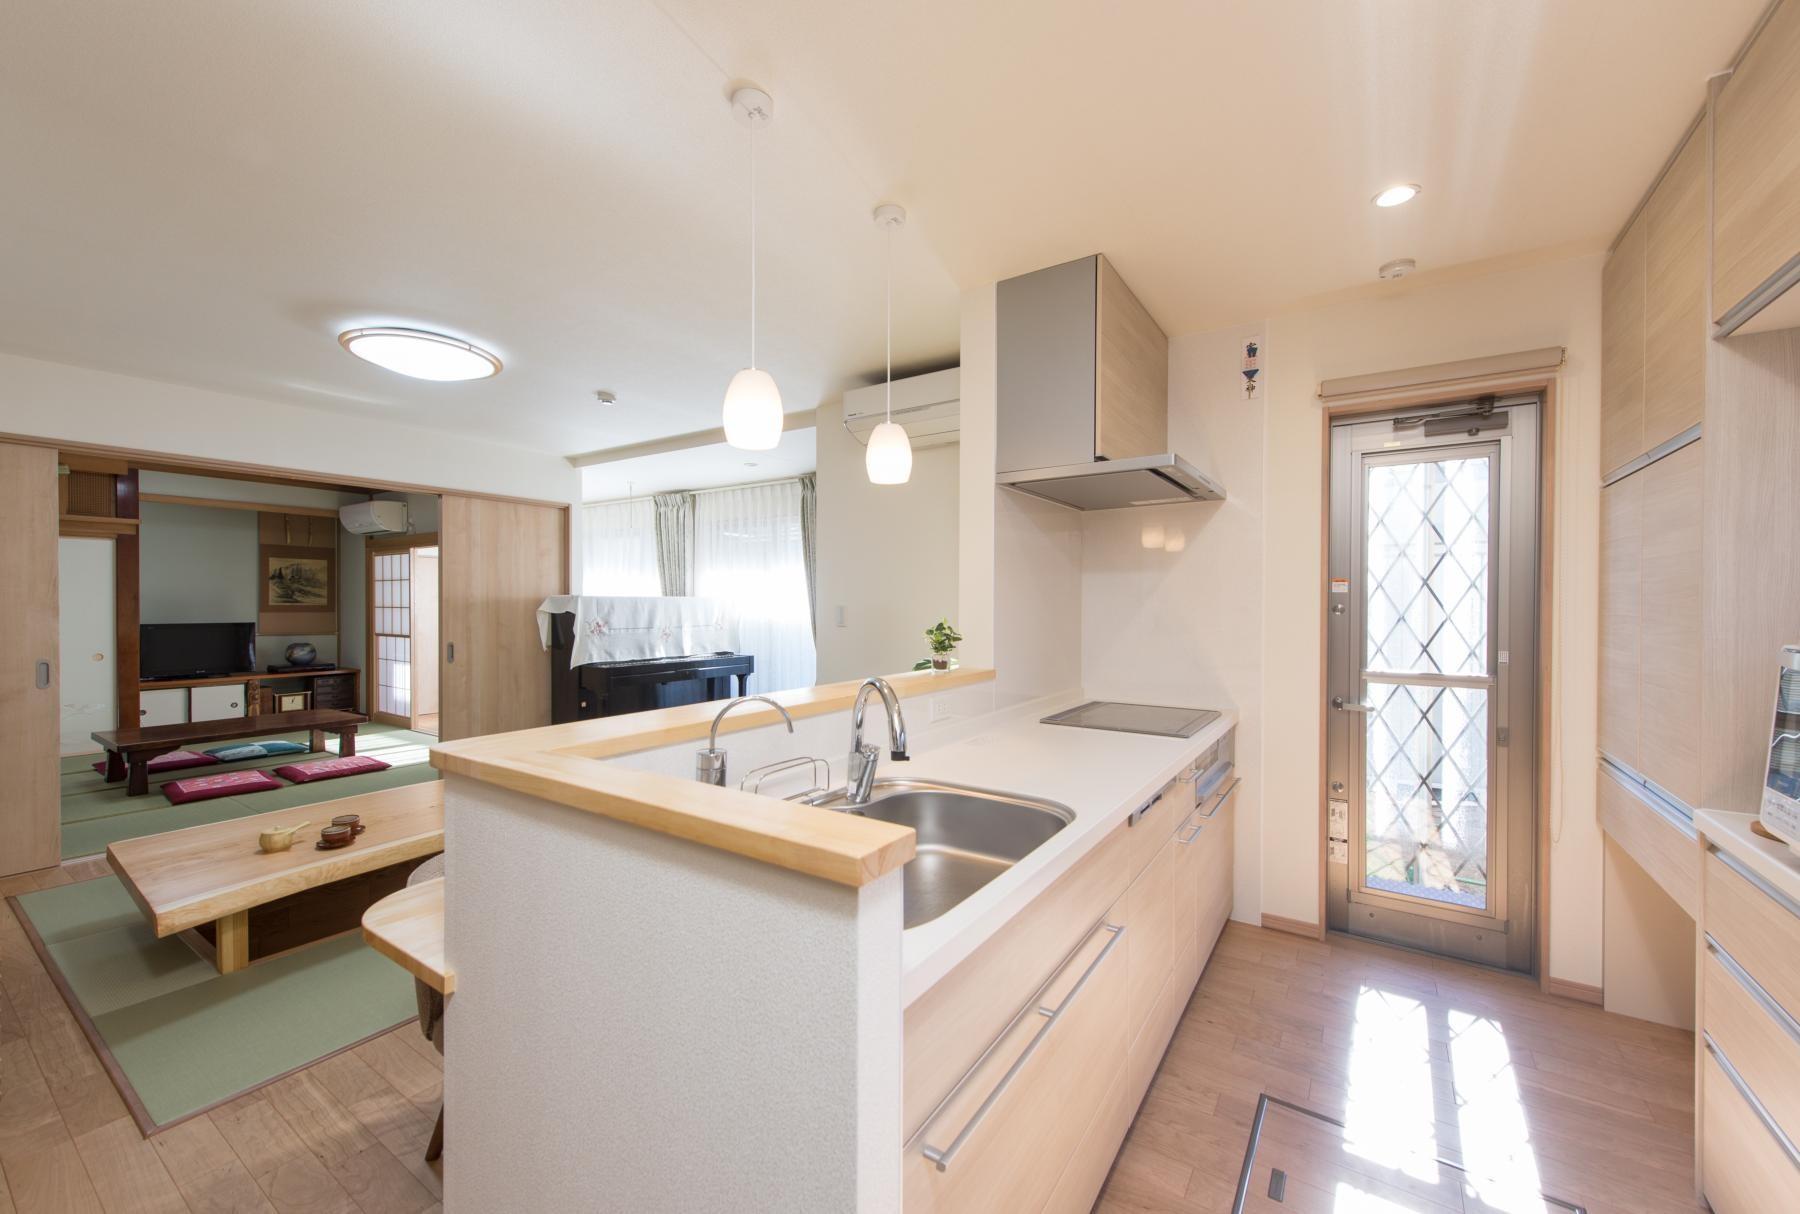 キッチン事例:キッチン(落ち着いた和モダンに二世帯が心地よく暮らす、戸建て全面改装)